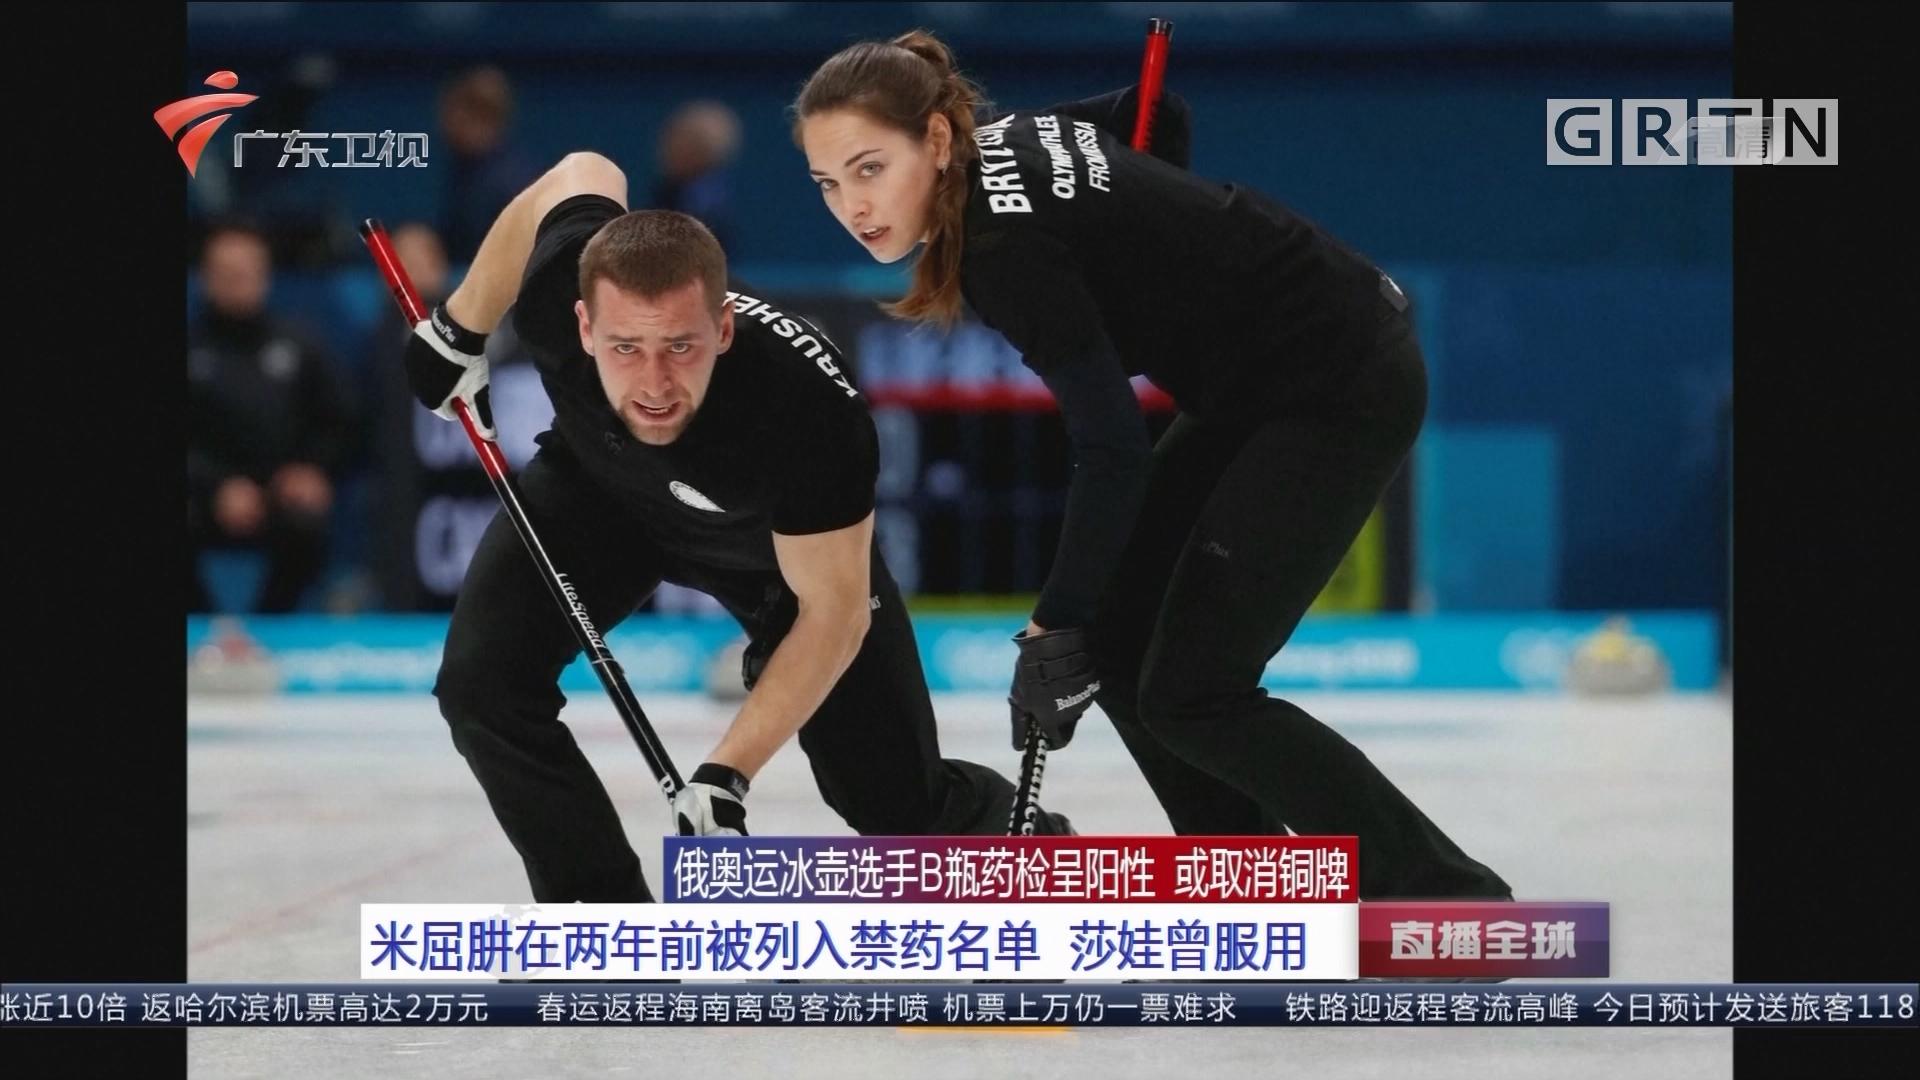 俄奥运冰壶选手B瓶药检呈阳性 或取消铜牌:米屈肼在两年前被列入禁药名单 莎娃曾服用